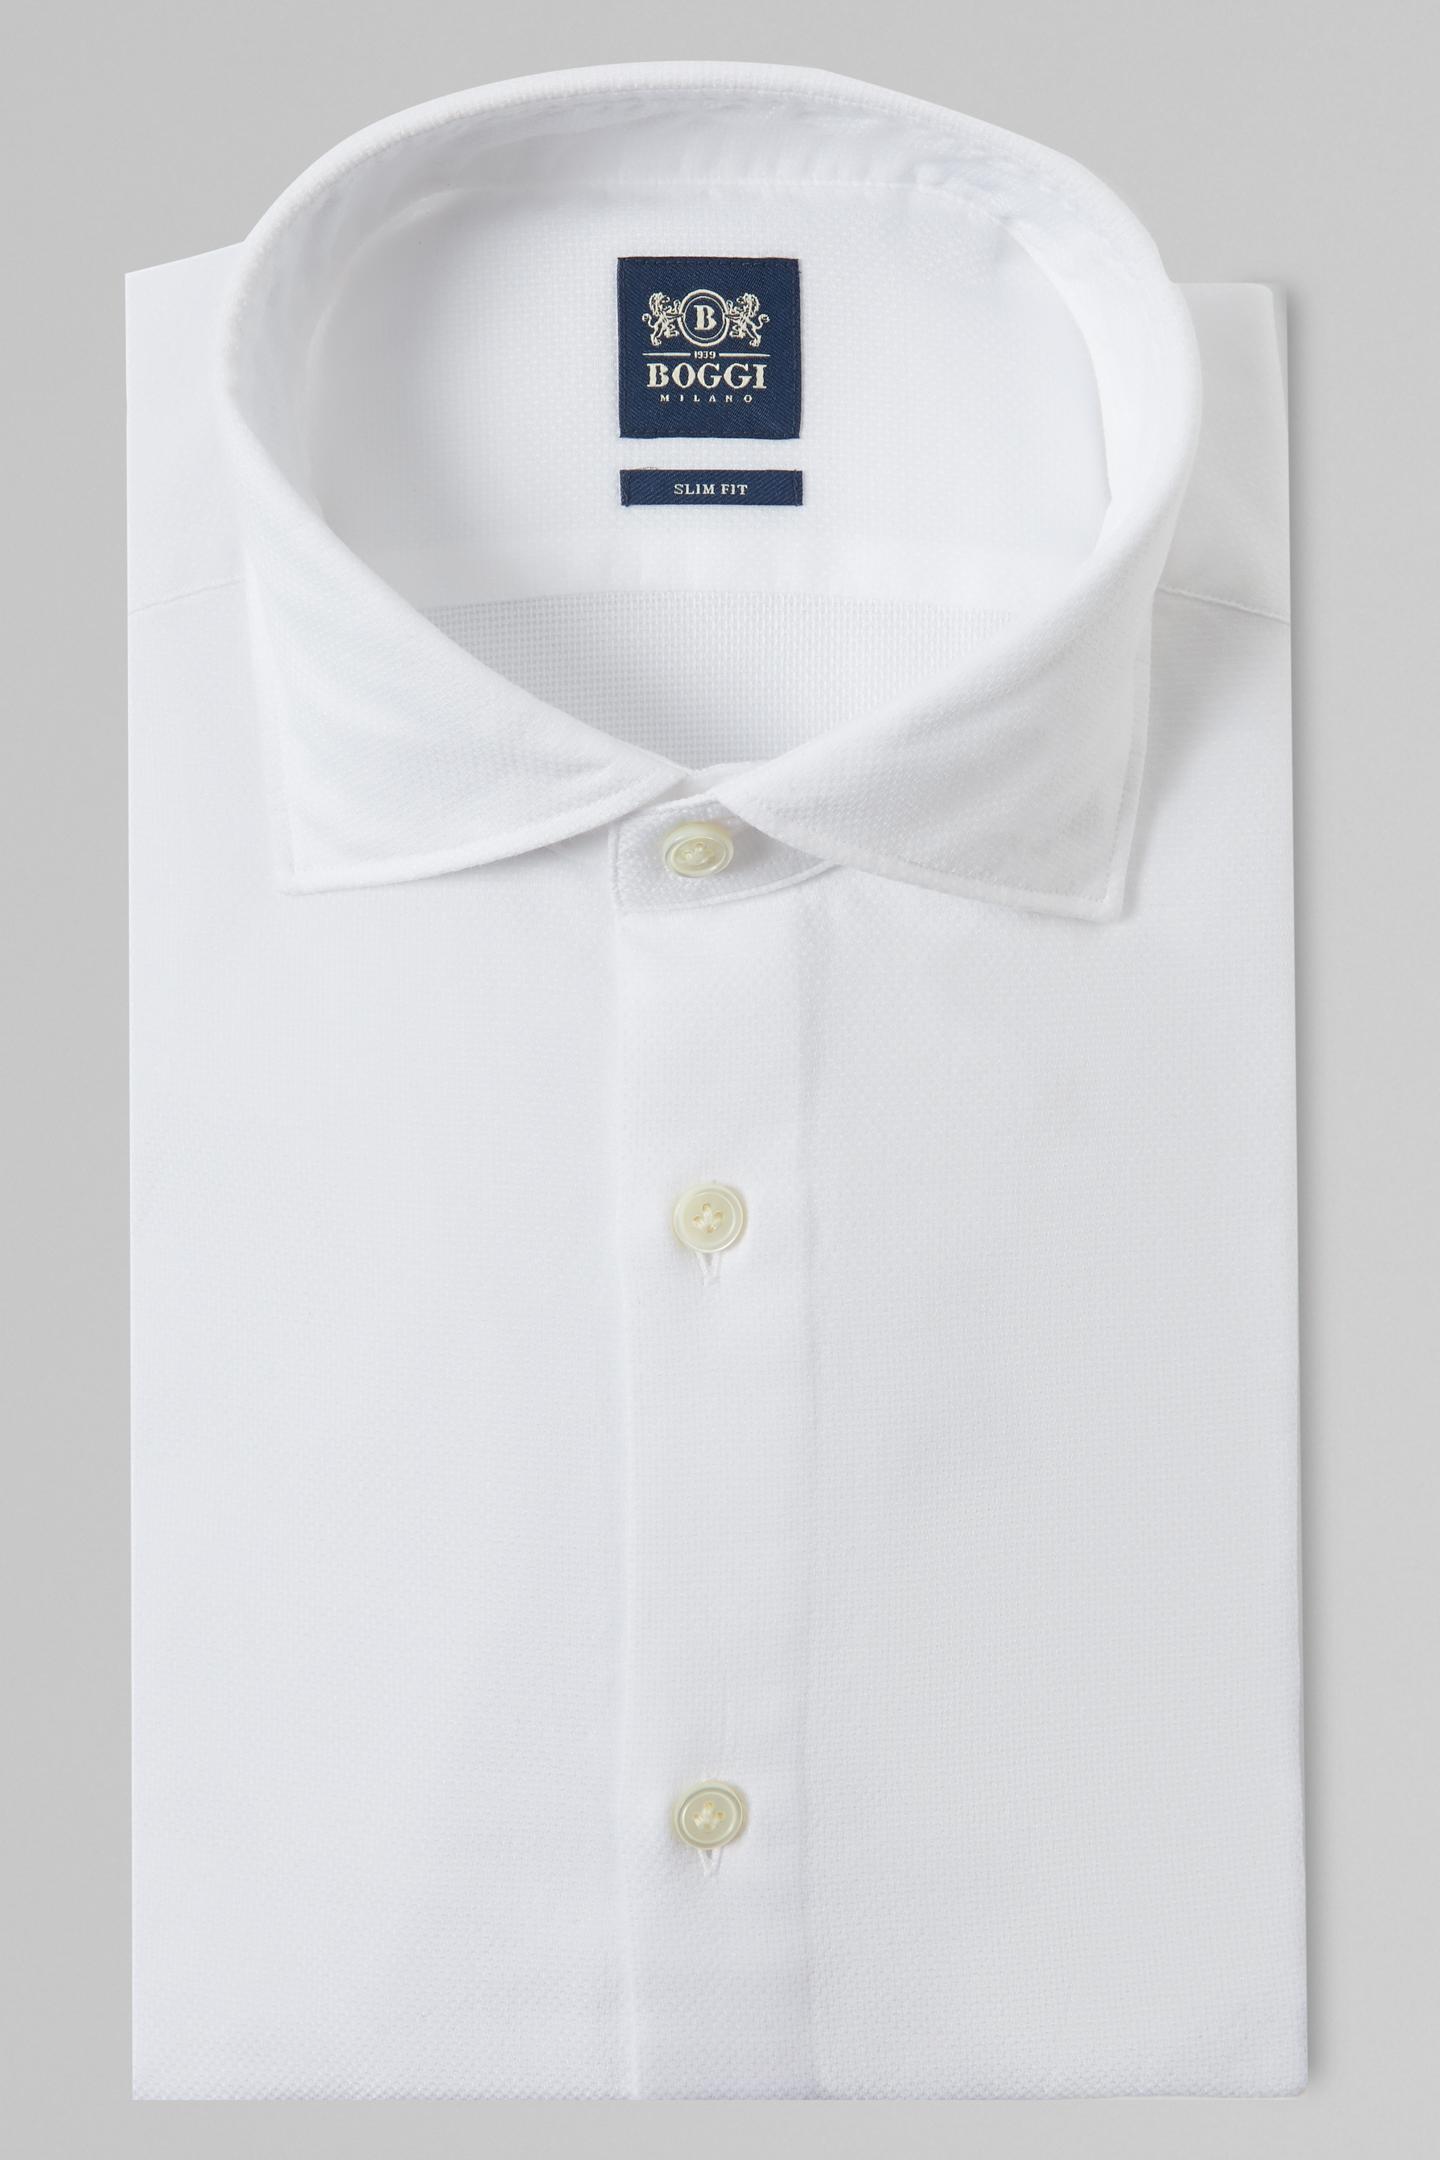 Camisa Boggi Slim Fit Blanca Con Cuello Florencia